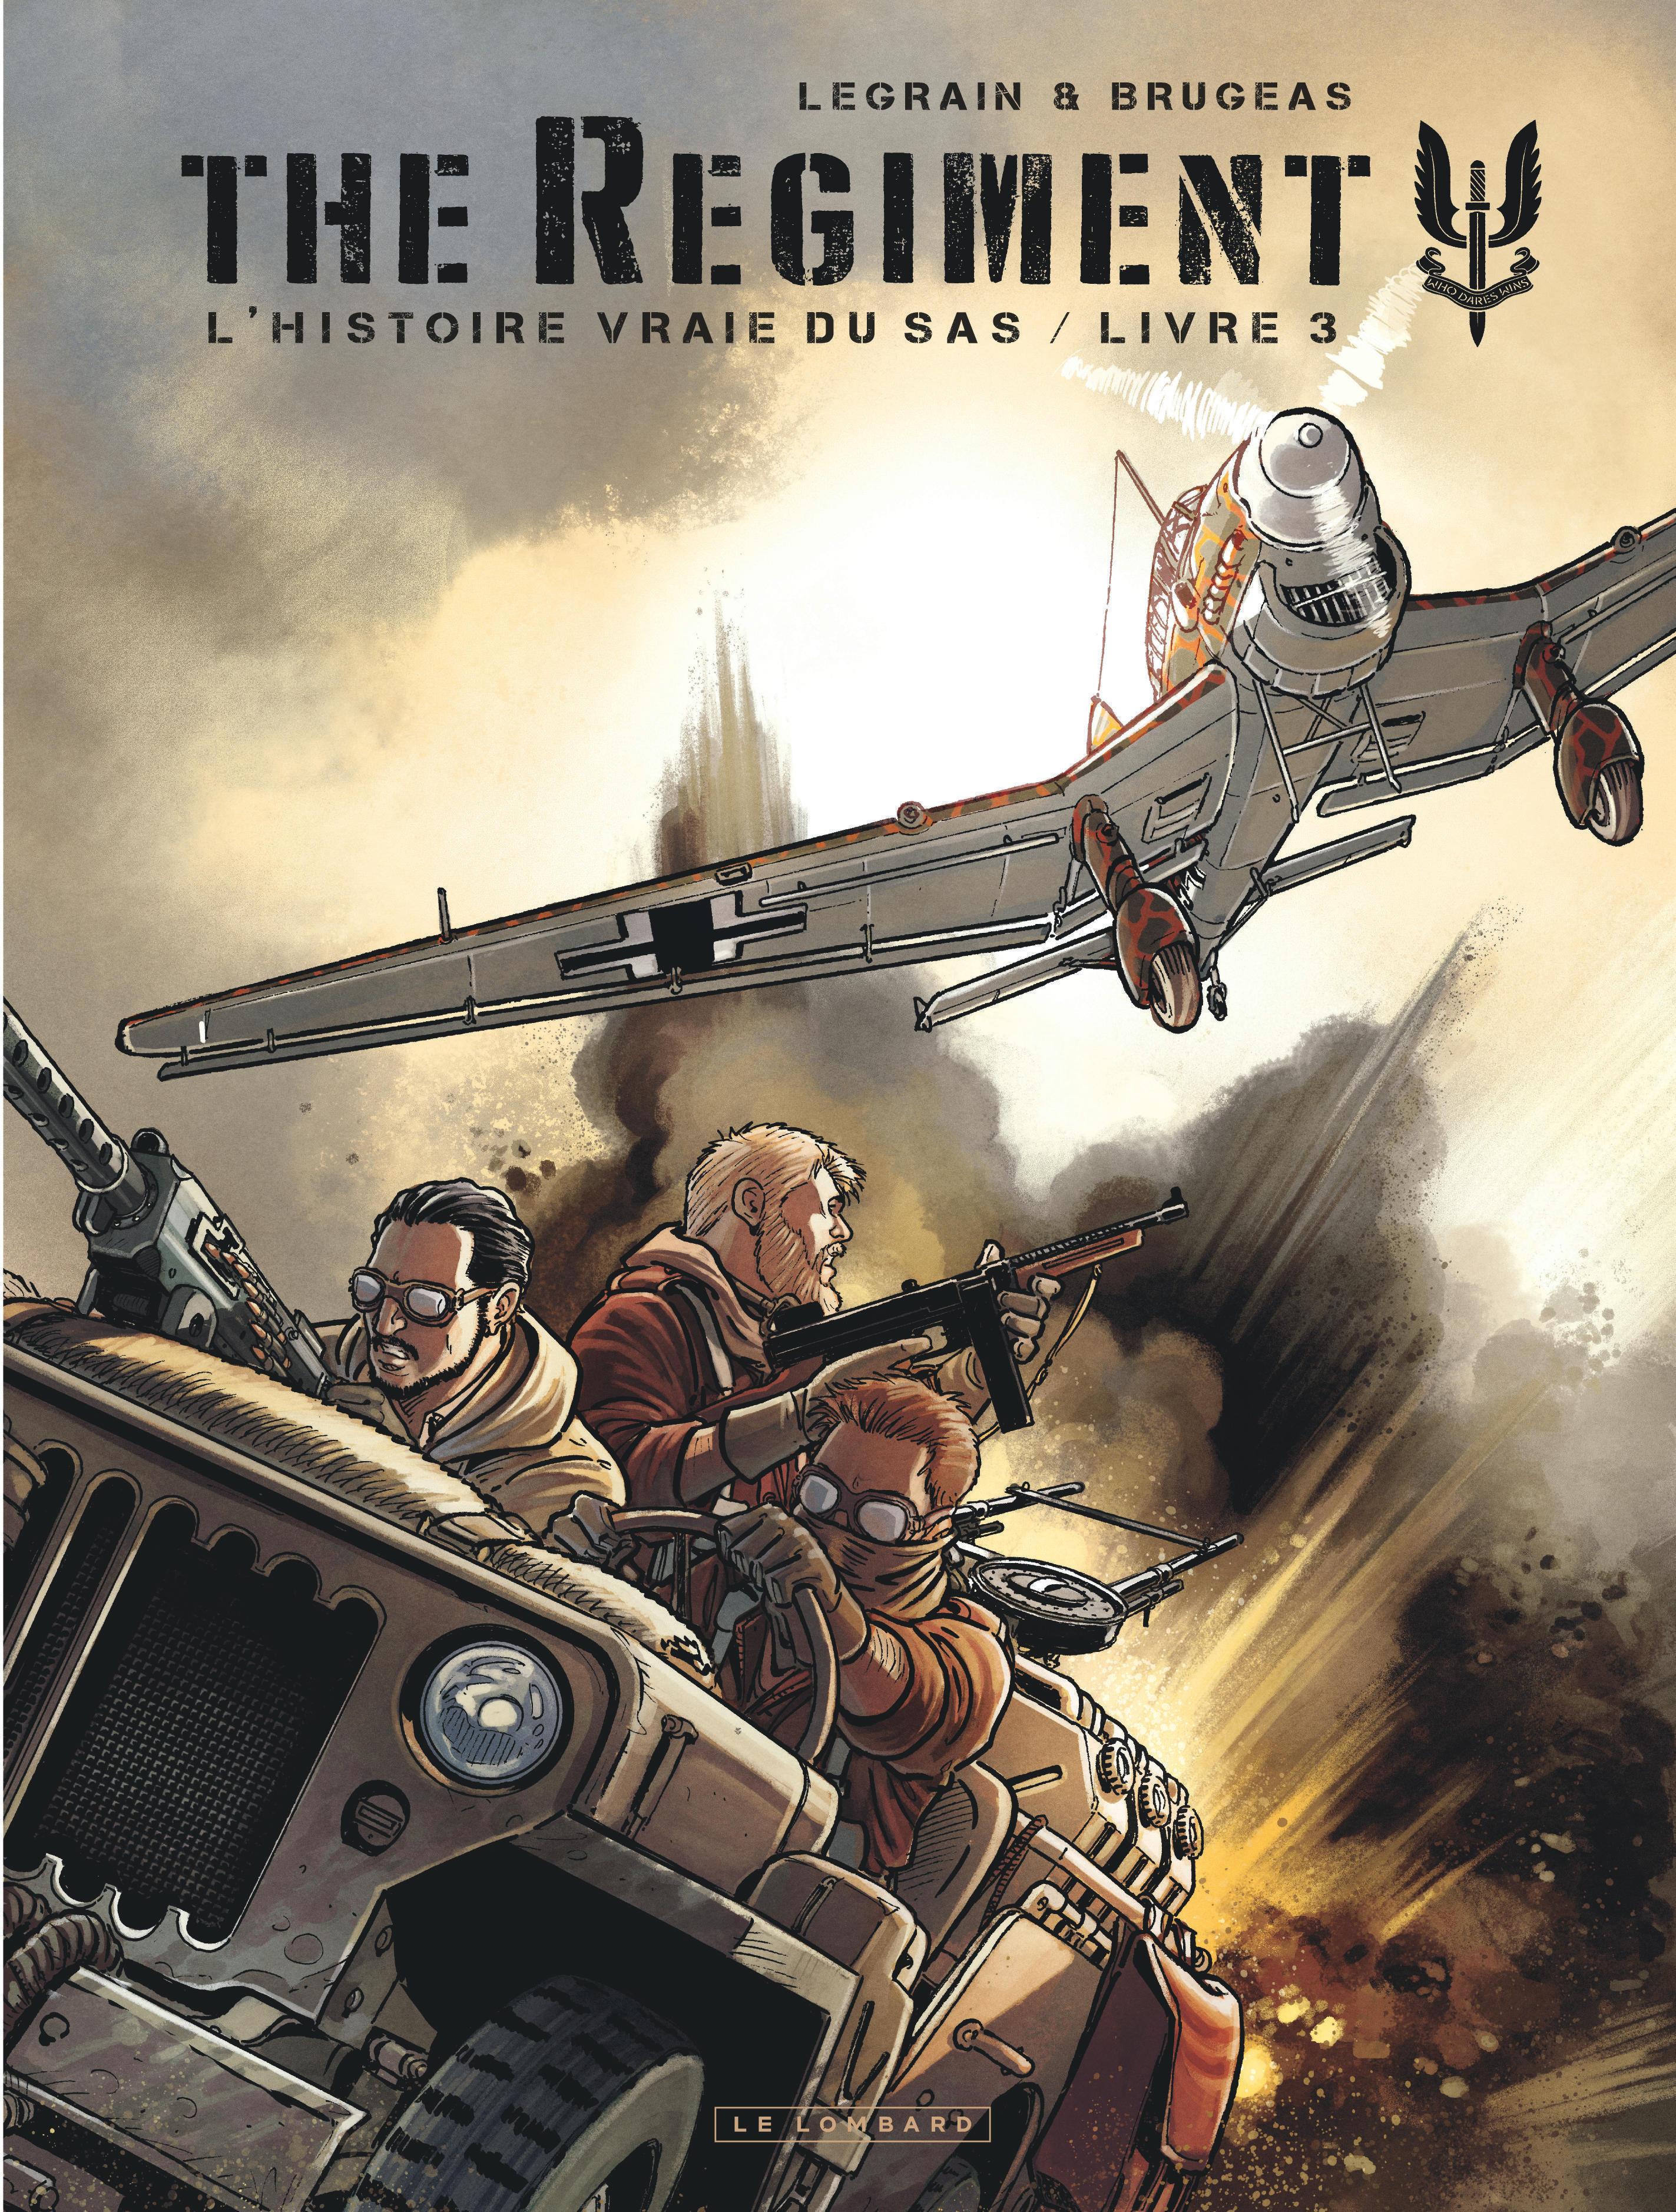 THE REGIMENT-HISTOIRE VRAIE SA - THE REGIMENT - L'HISTOIRE VRAIE DU SAS - TOME 3 - LIVRE 3